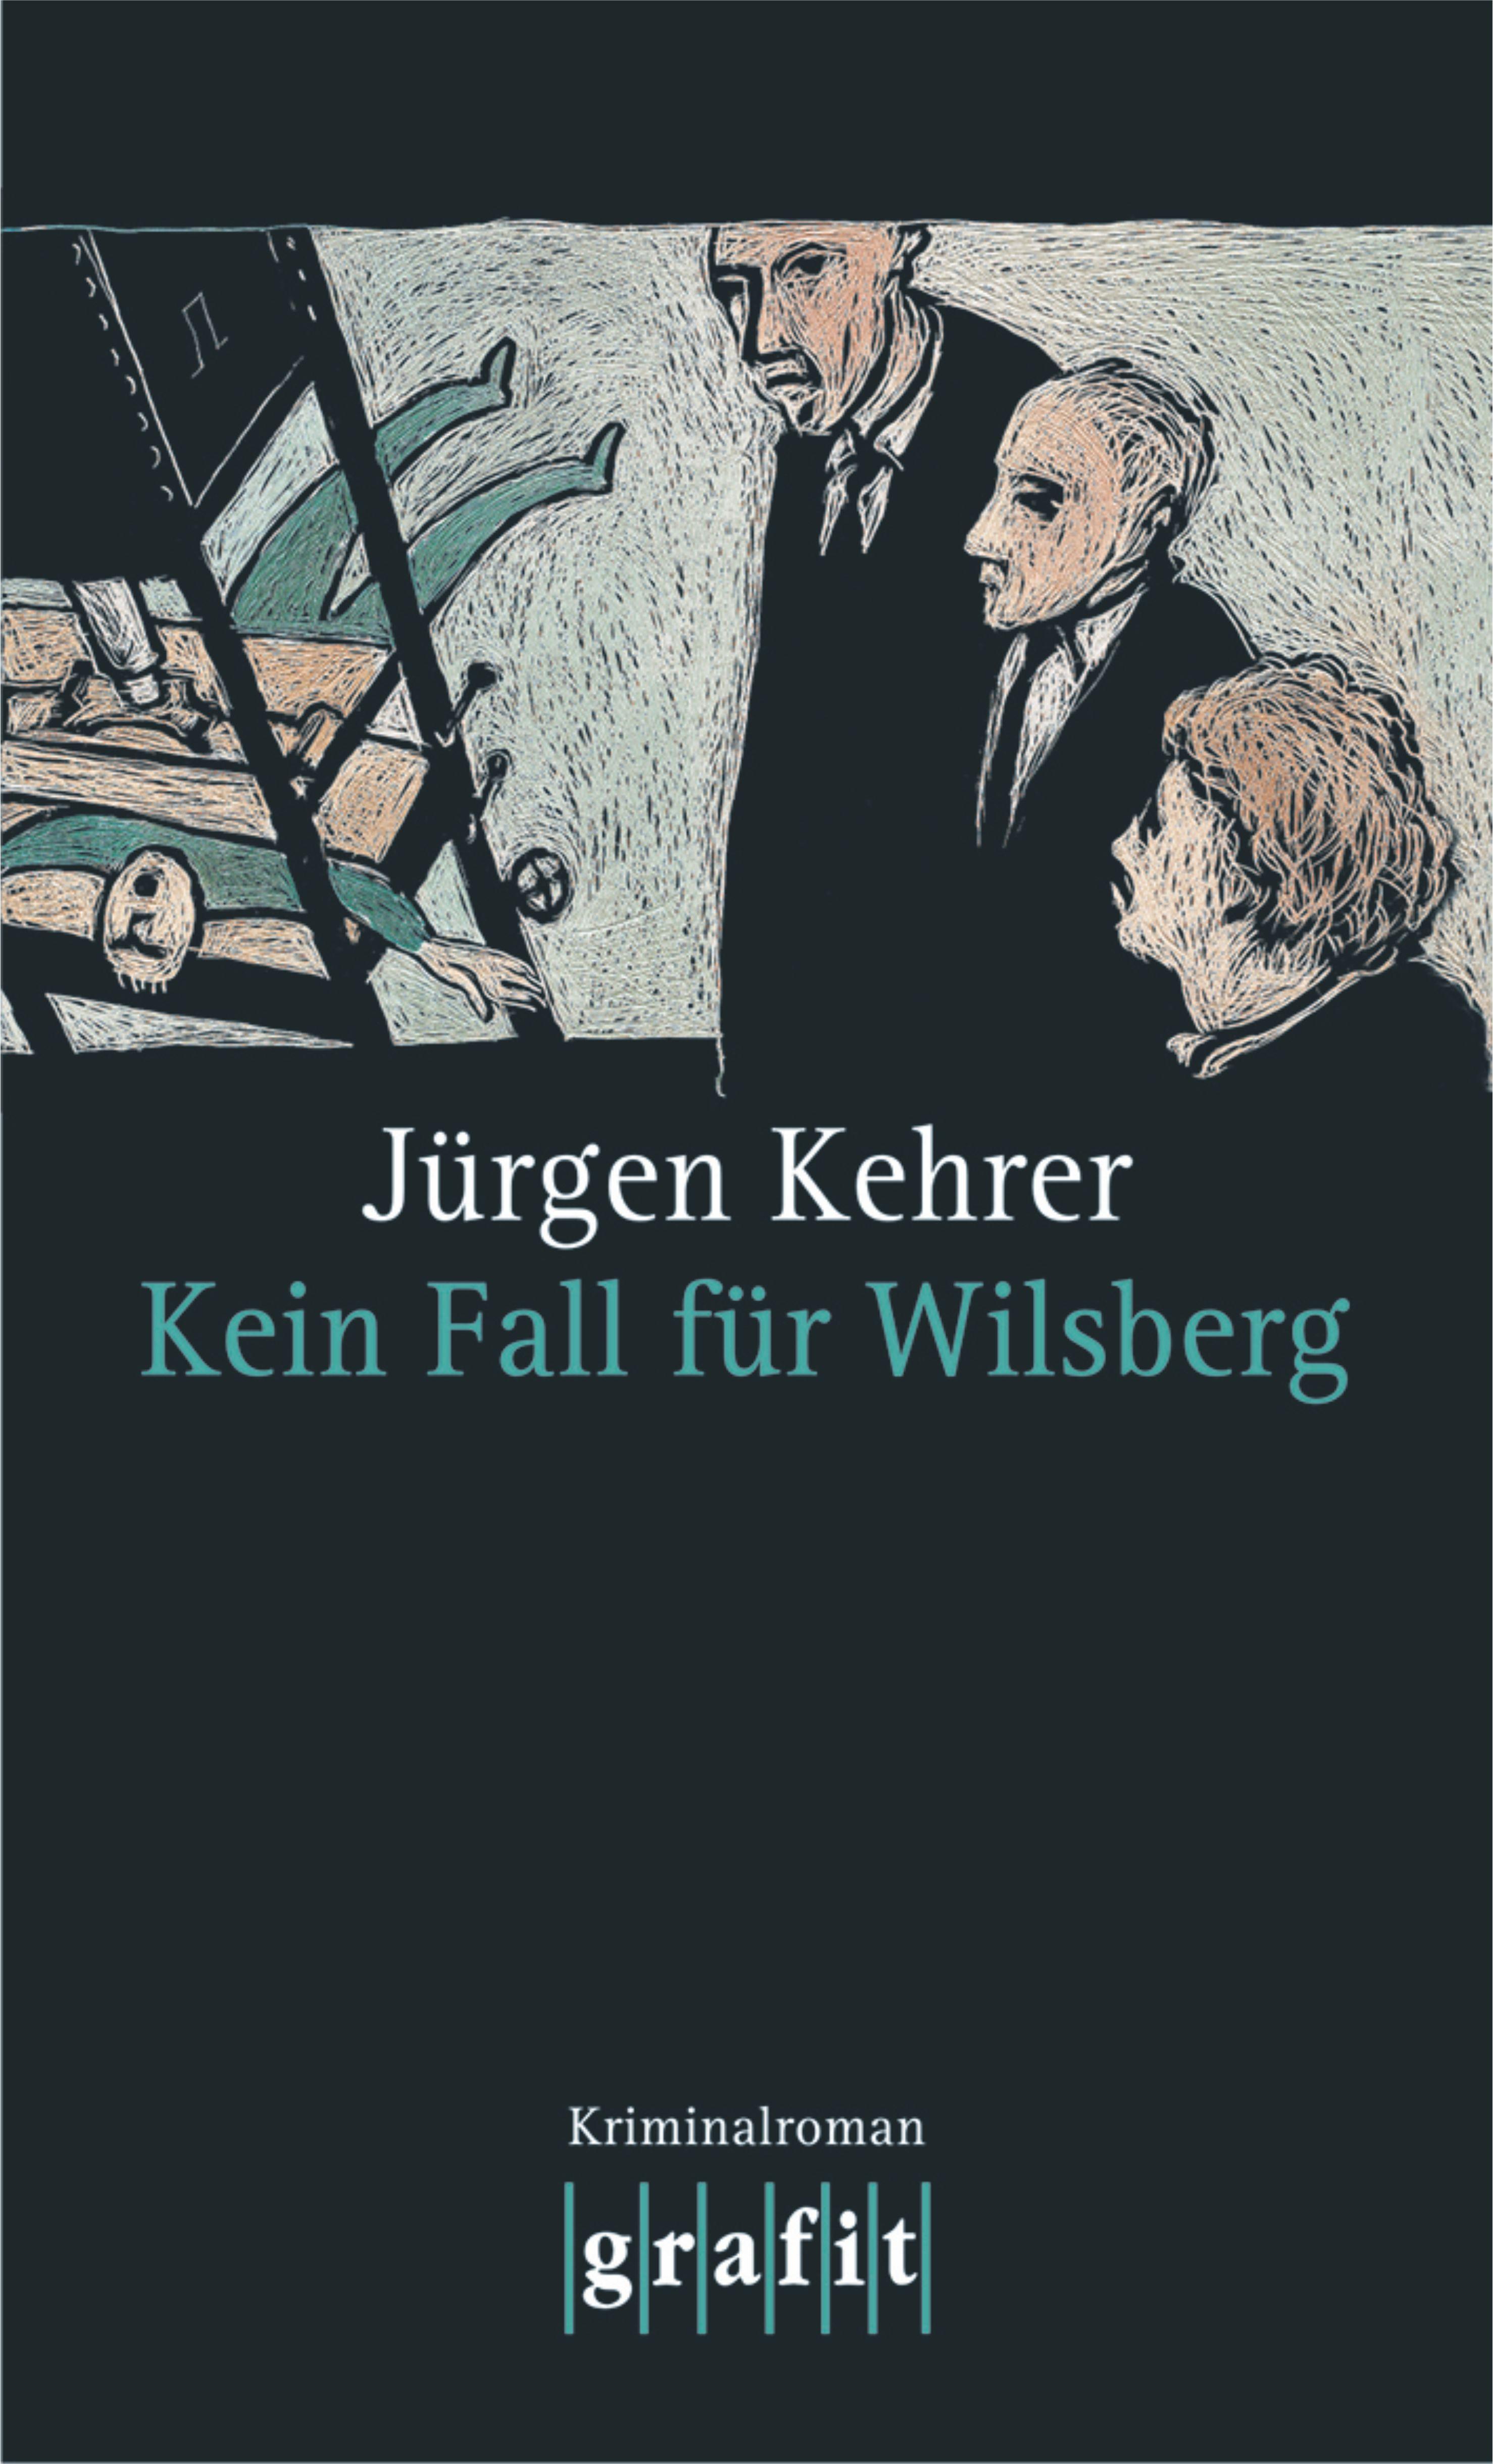 Kein Fall für Wilsberg - Jürgen Kehrer